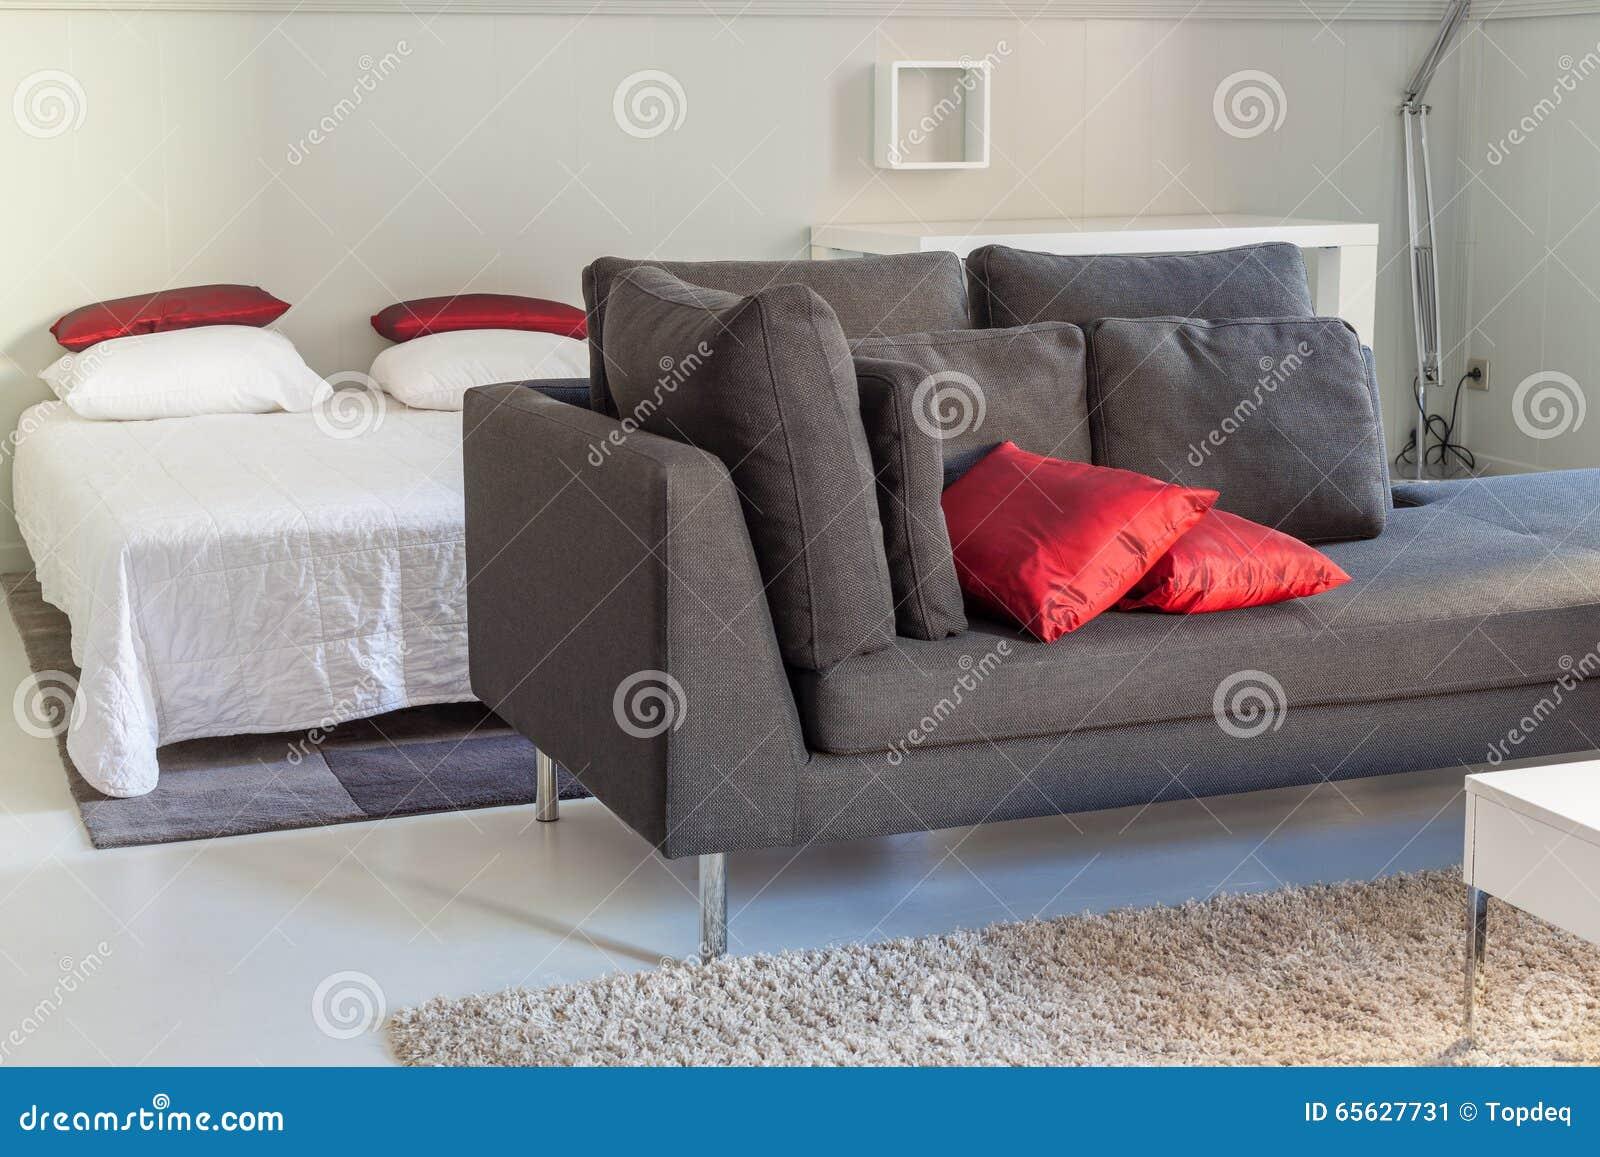 Meubles confortables d appartements modernes : un sofa avec des oreillers